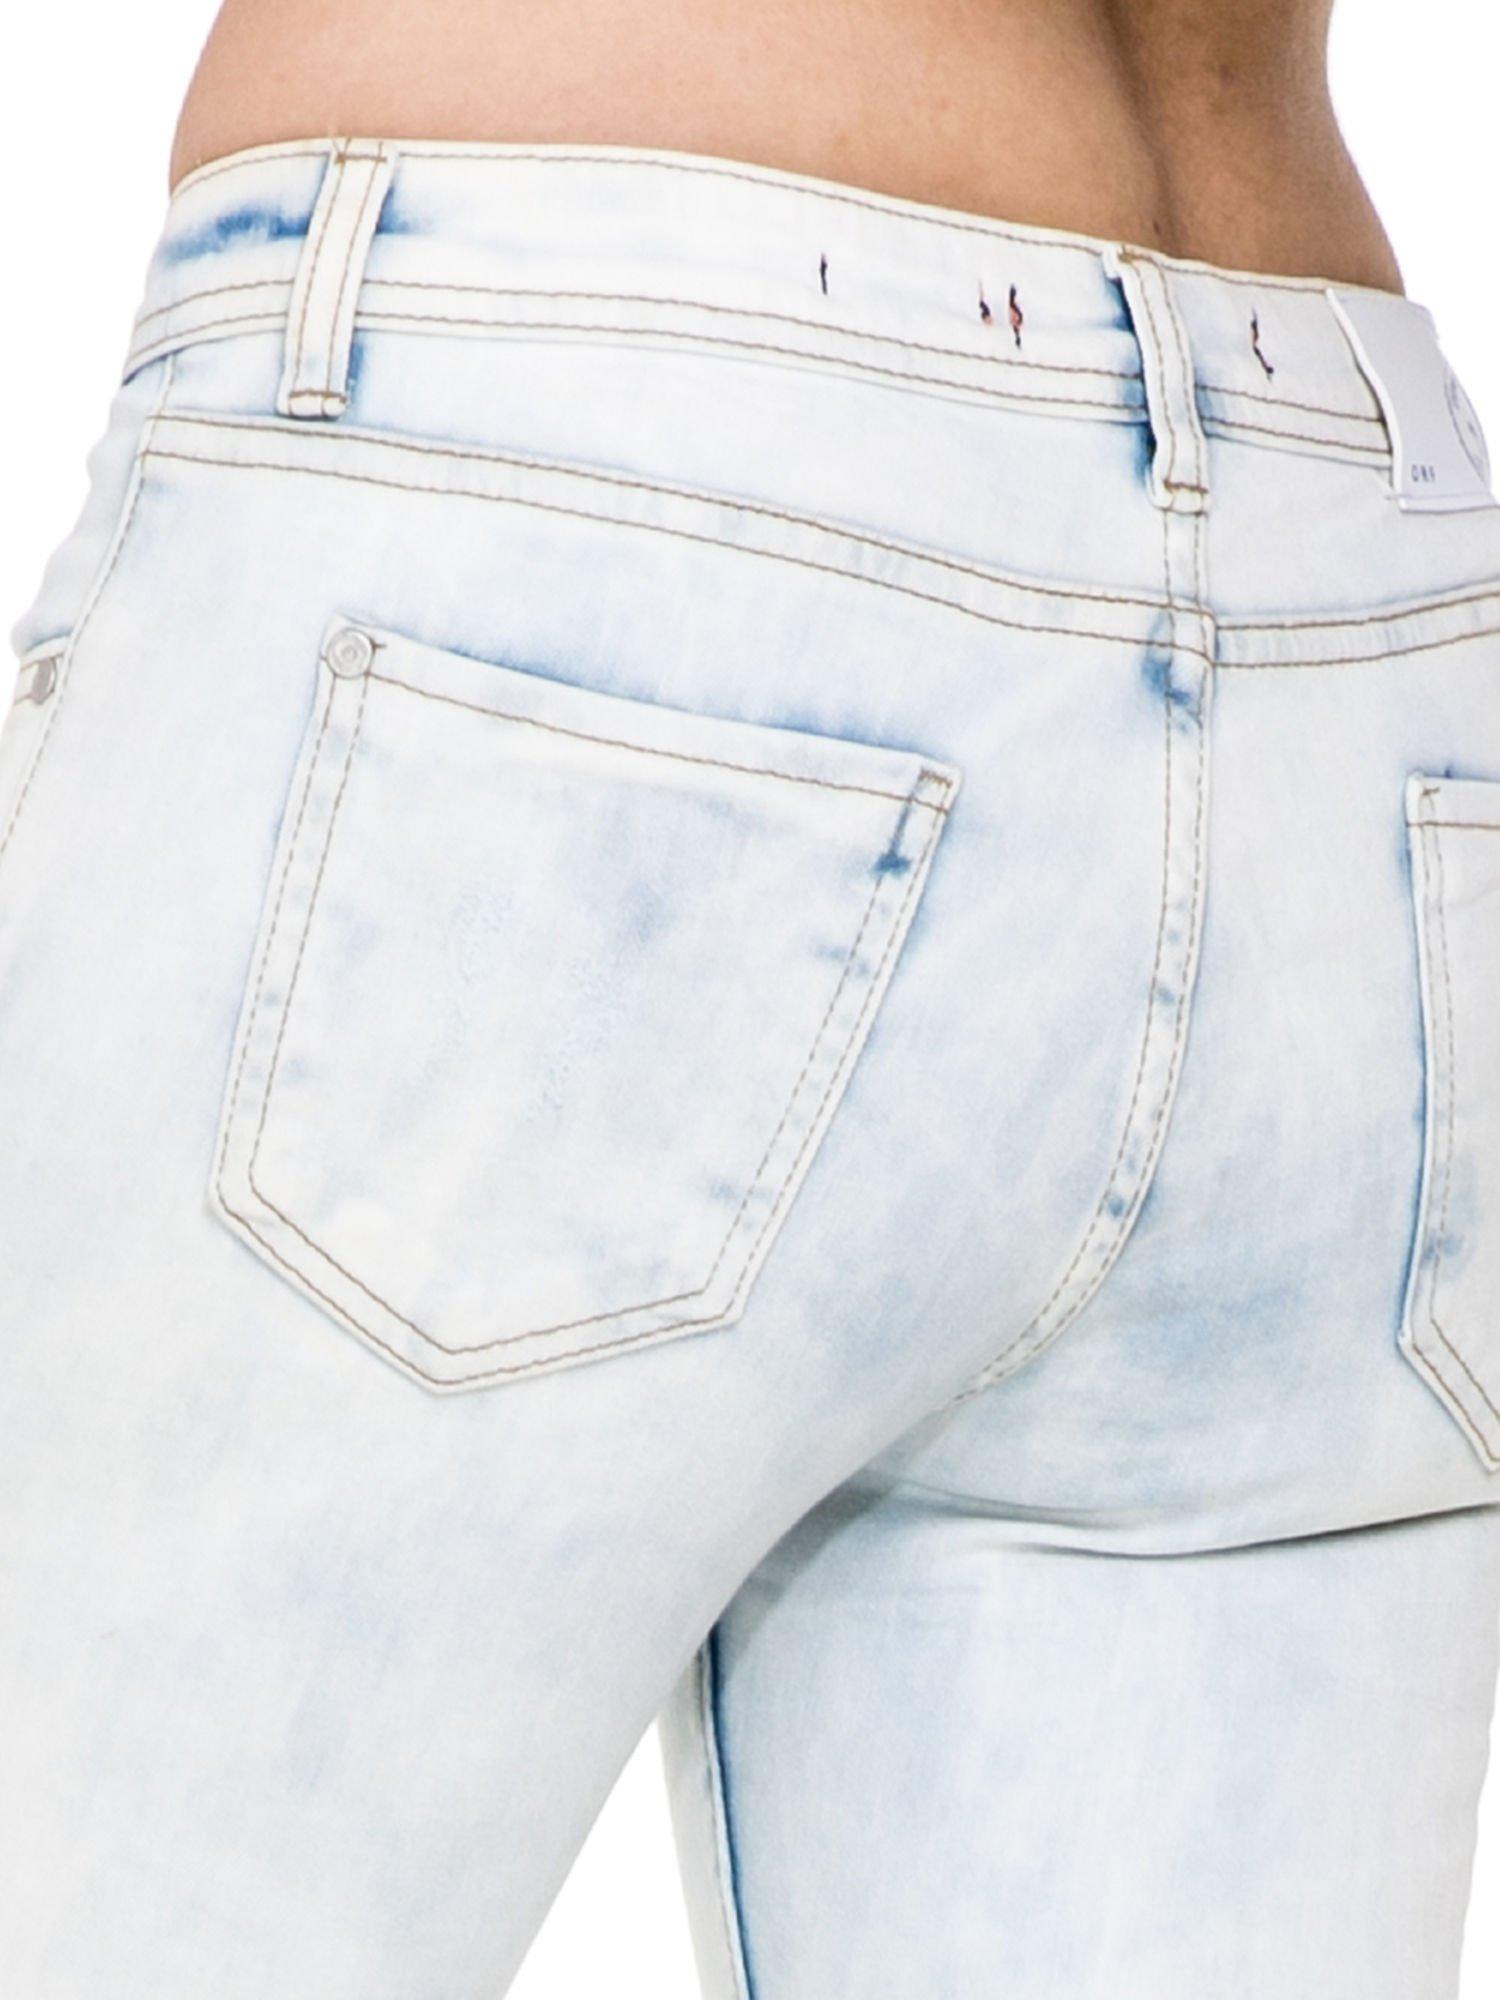 Jasnoniebieskie rozjaśniane spodnie jeaansowe rurki z rozdarciami na kolanach                                  zdj.                                  6